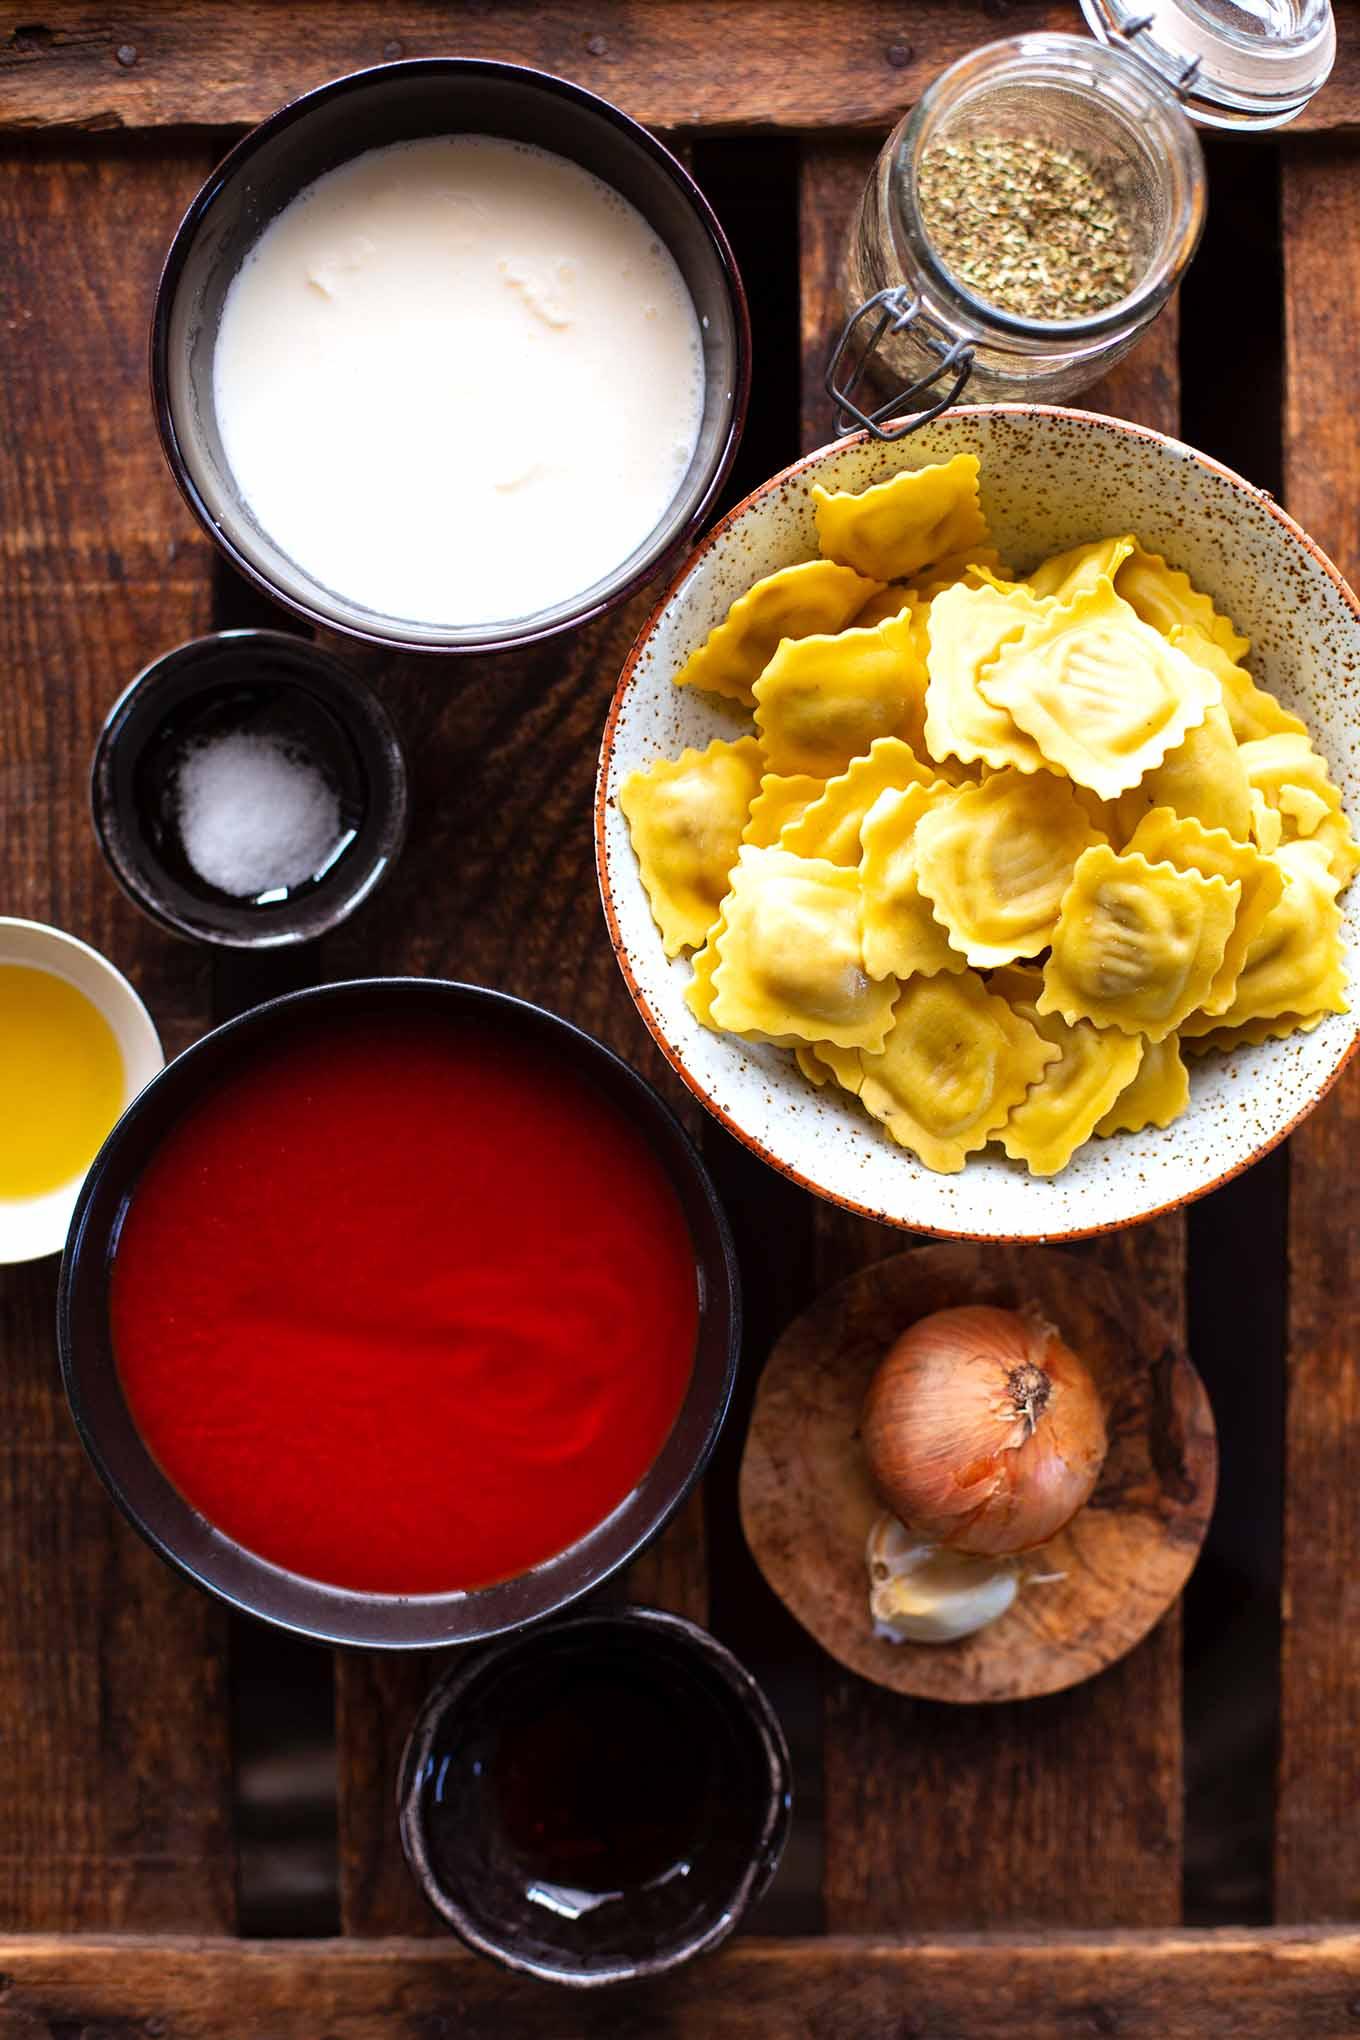 Einfache Ravioli mit Tomatensauce. Bock auf einfache Ravioli mit Tomatensauce ganz ohne Dose? Dann ist dieses schnelle & leckere Rezept genau das Richtige! Hier geht's zum Klassiker! Kochkarussell - dein Foodblog für schnelle und einfache Feierabendküche.